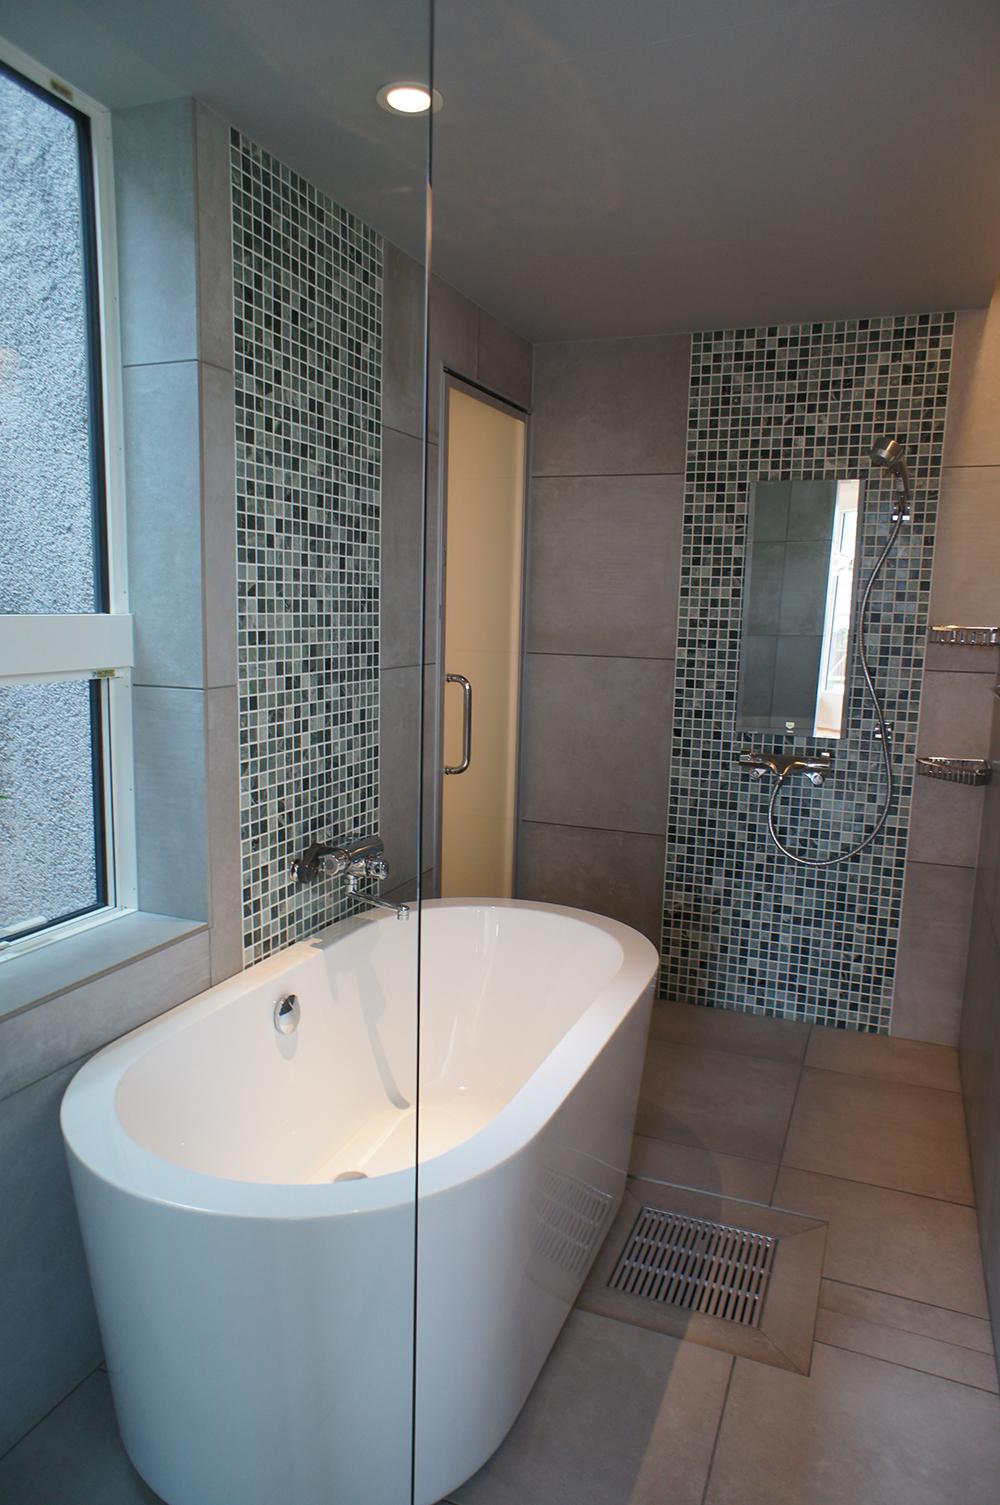 注文住宅 新築 姫路市 ADHOUSE お風呂 浴室 在来工法 坪庭 ユニットバス